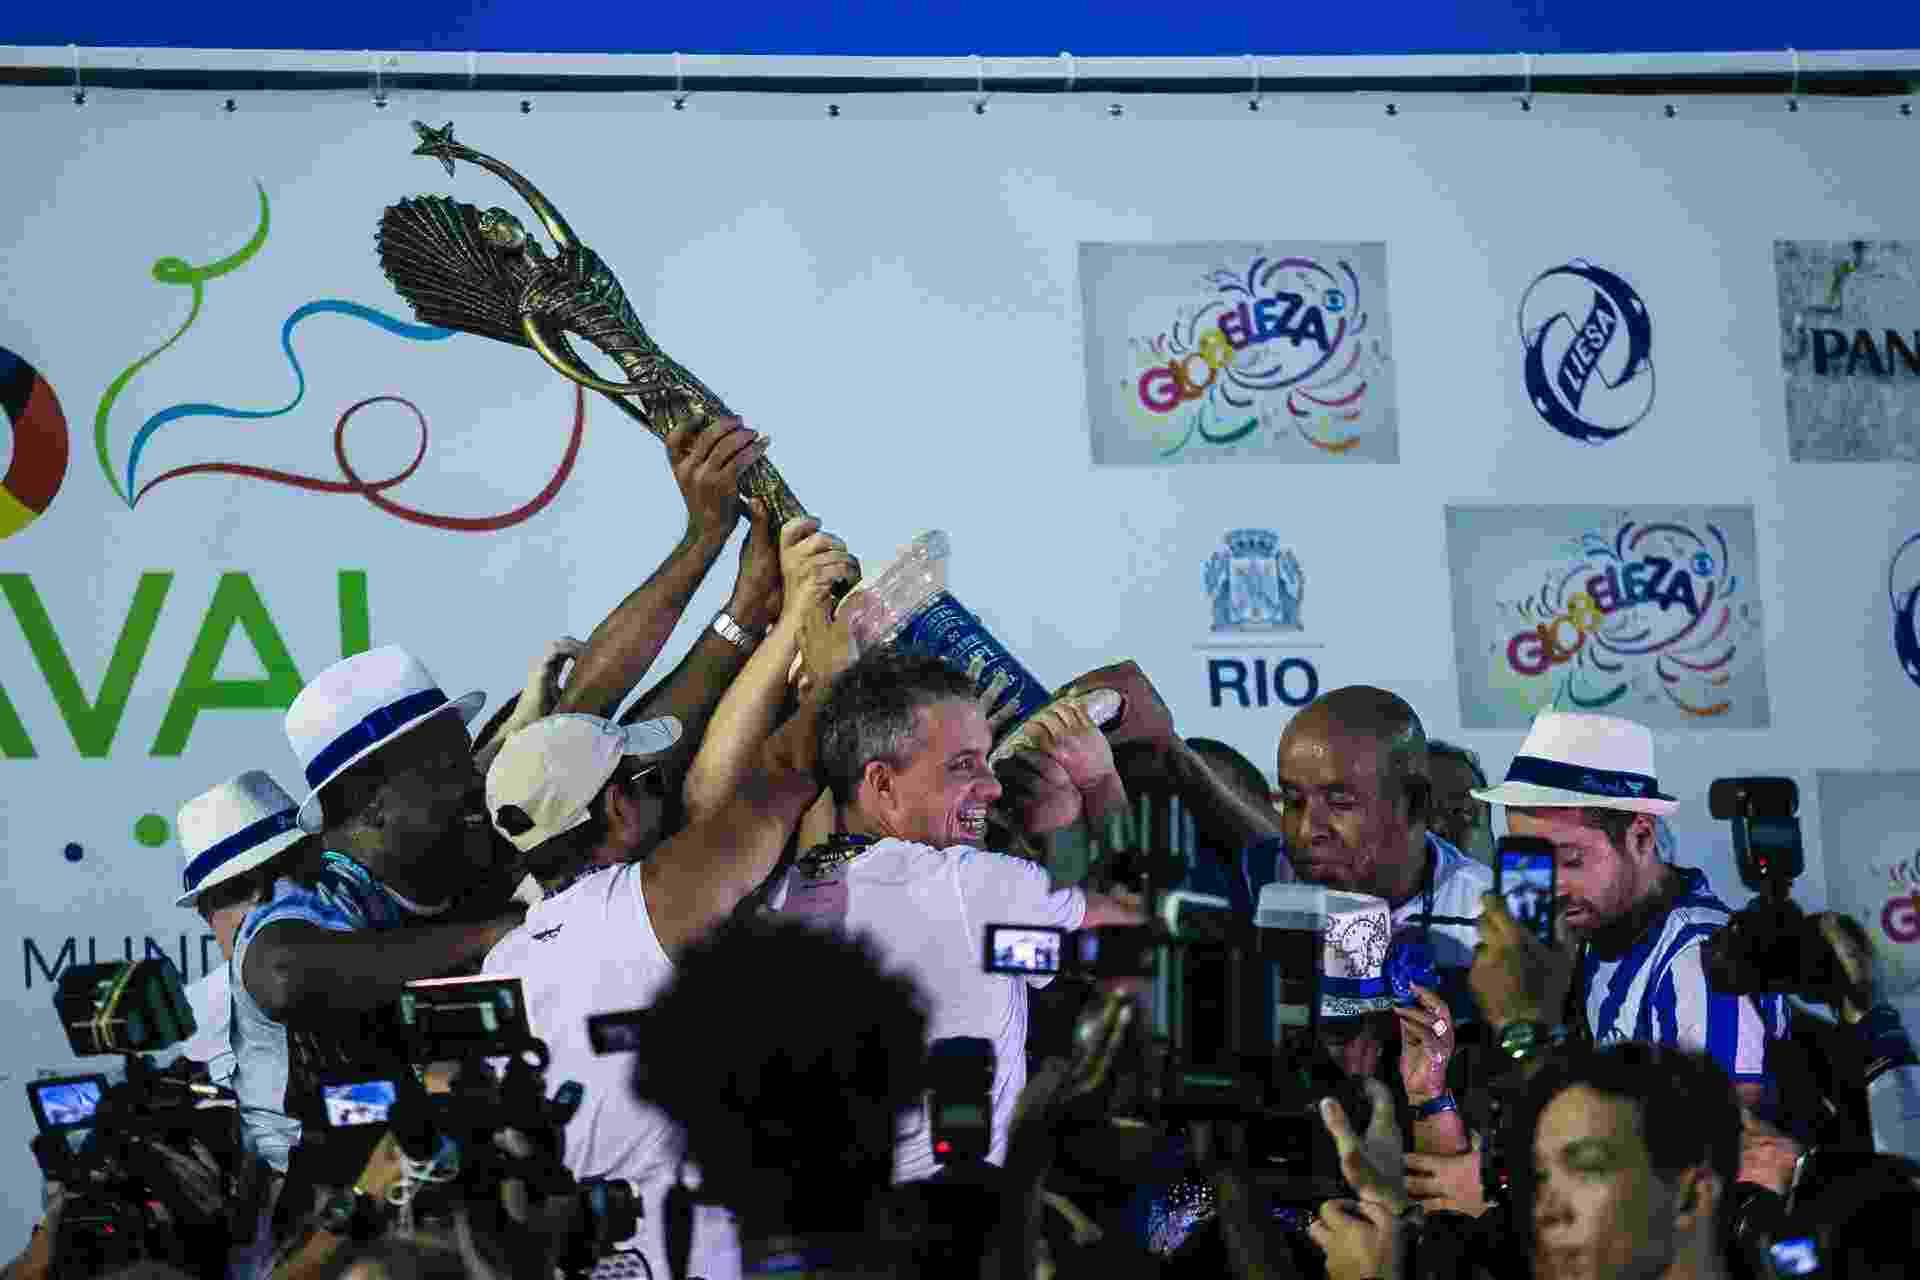 Portela é campeã do Carnaval do Rio de Janeiro - DHAVID NORMANDO/FUTURA PRESS/ESTADÃO CONTEÚDO